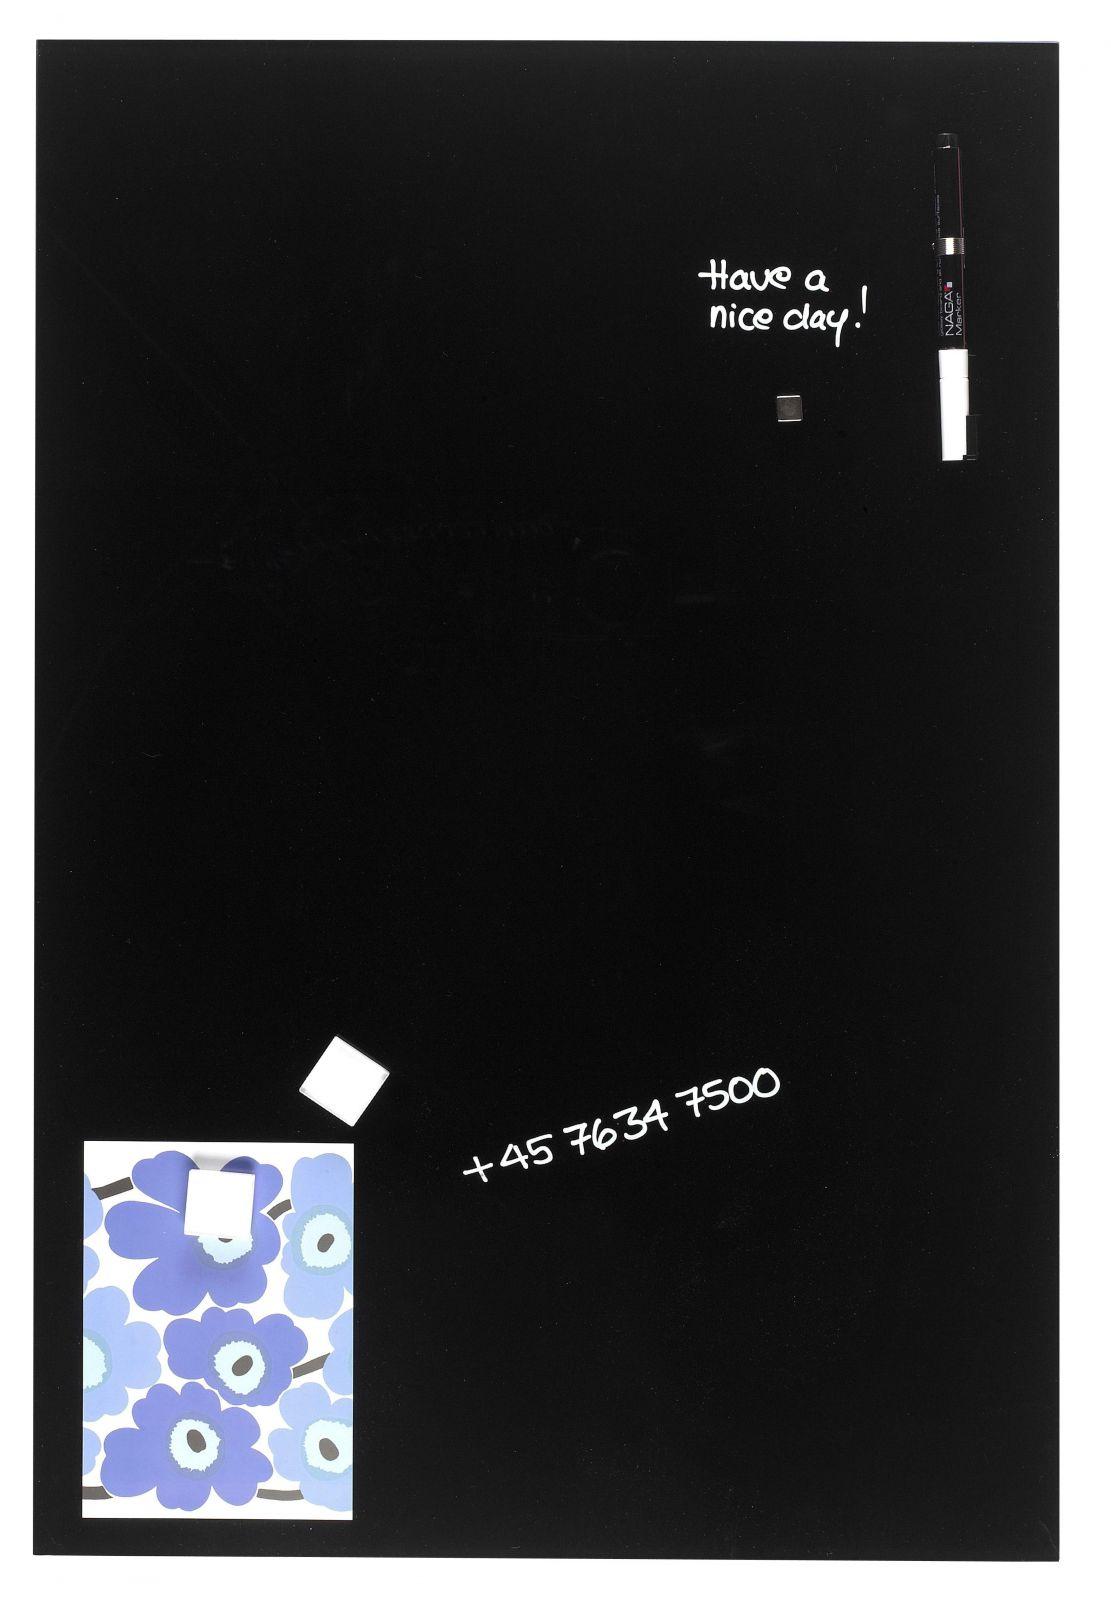 Skleněná magnetická tabule, 40x60 cm, Černá